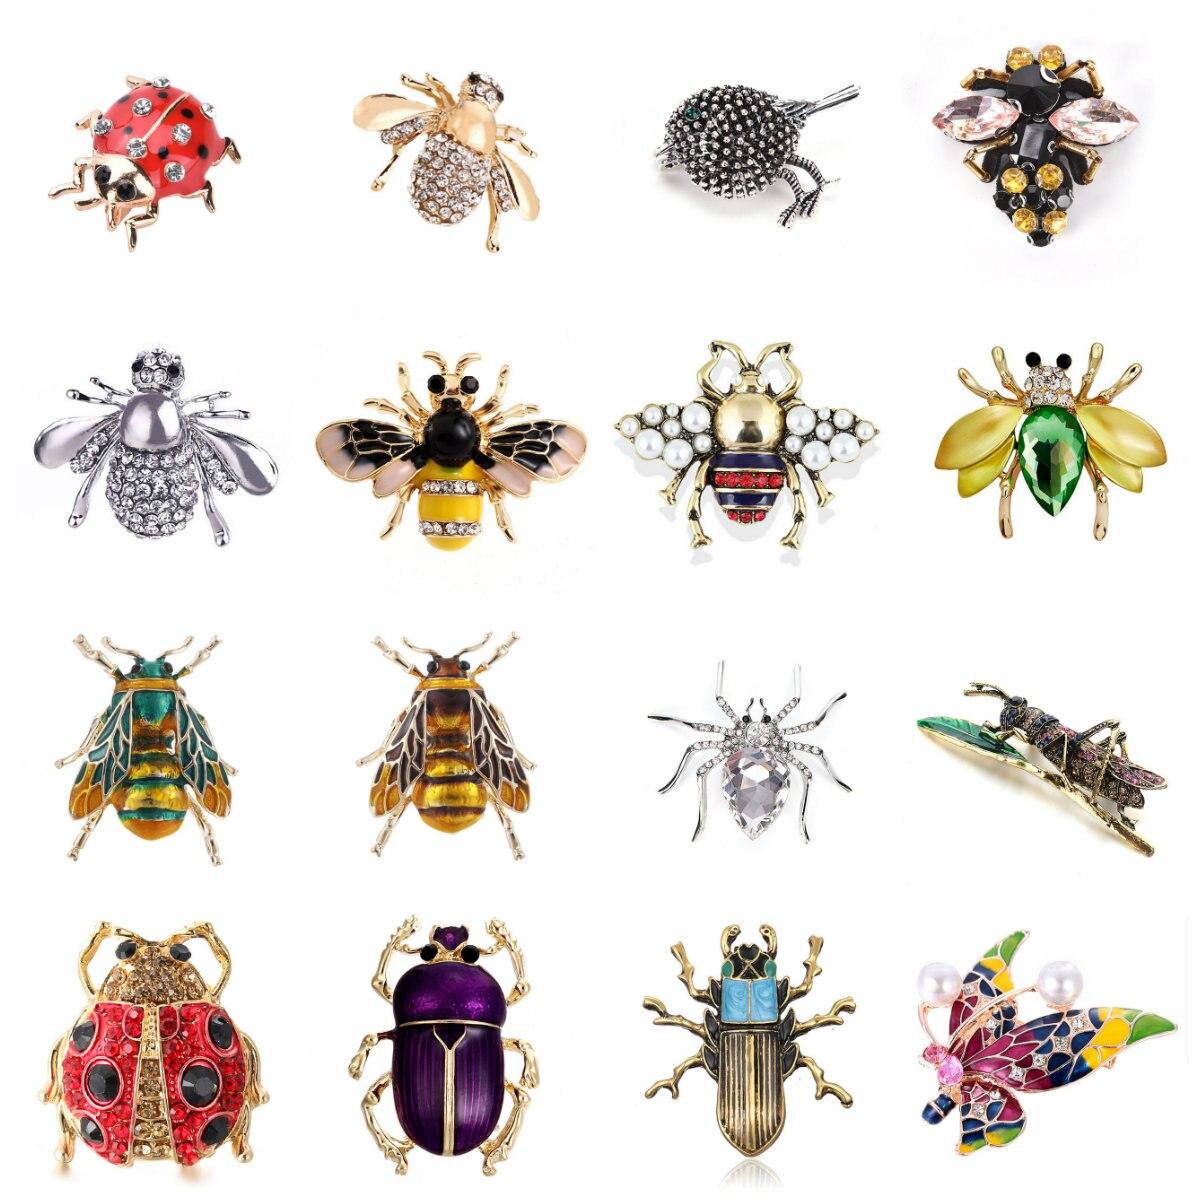 Femmes délicates petite abeille cristal cristal insecte abeille broche bijoux